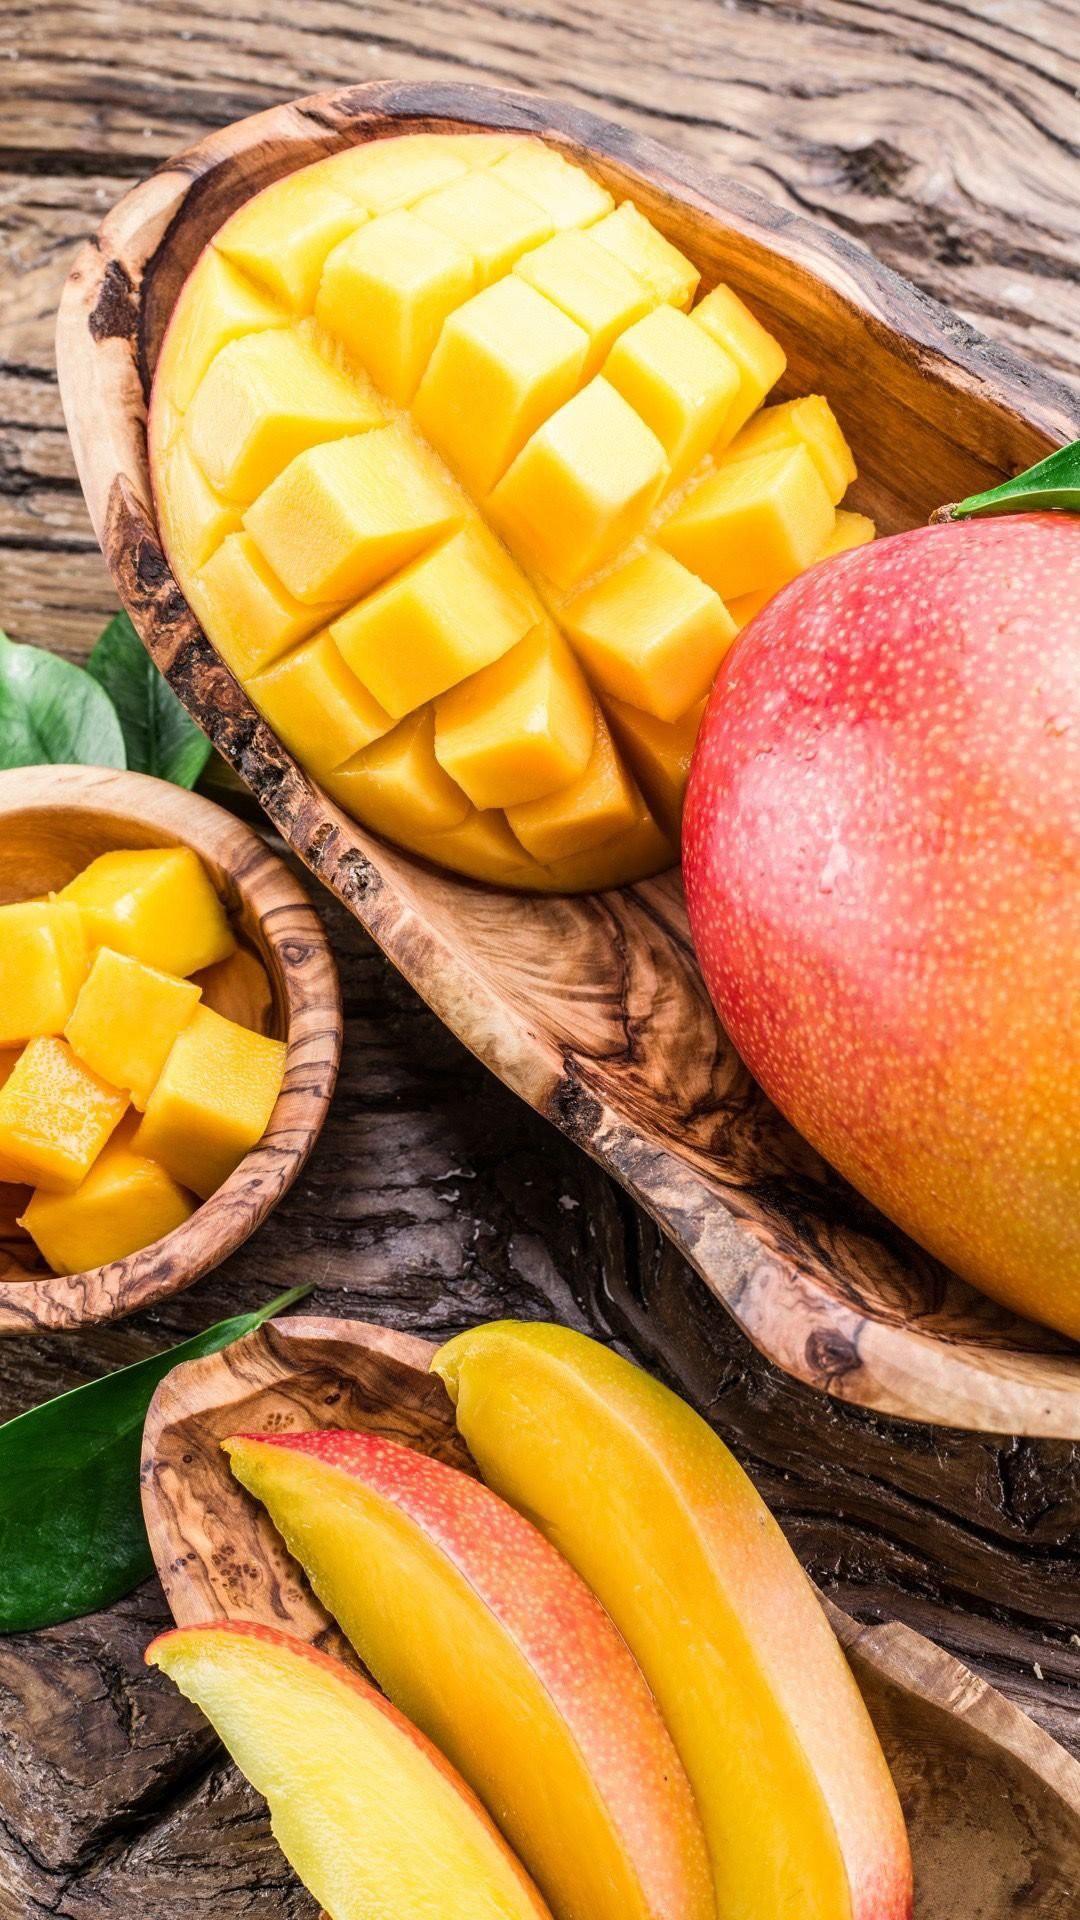 Đừng nghĩ ăn hoa quả không béo, 7 loại quả nhiều đường này sẽ khiến bạn không thể giảm cân